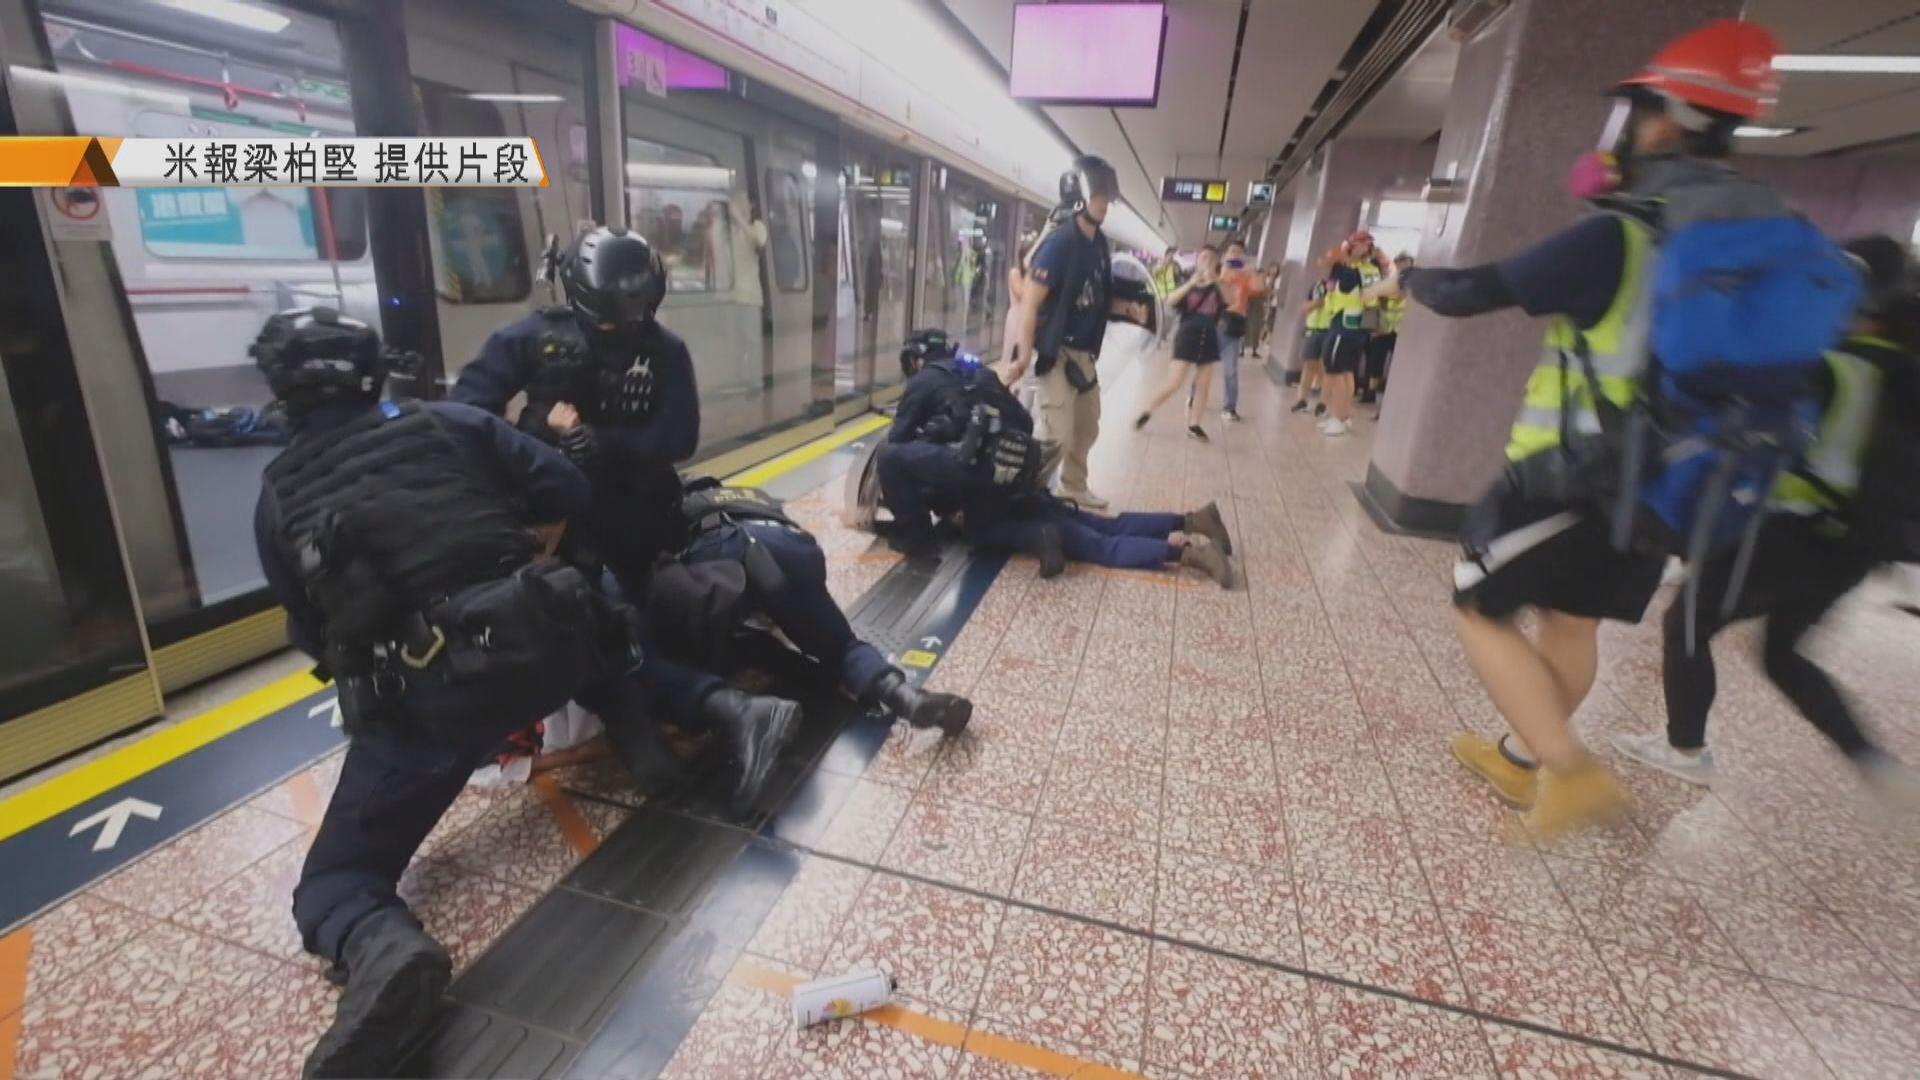 831太子站事件 7人被控暴動等罪下月提堂